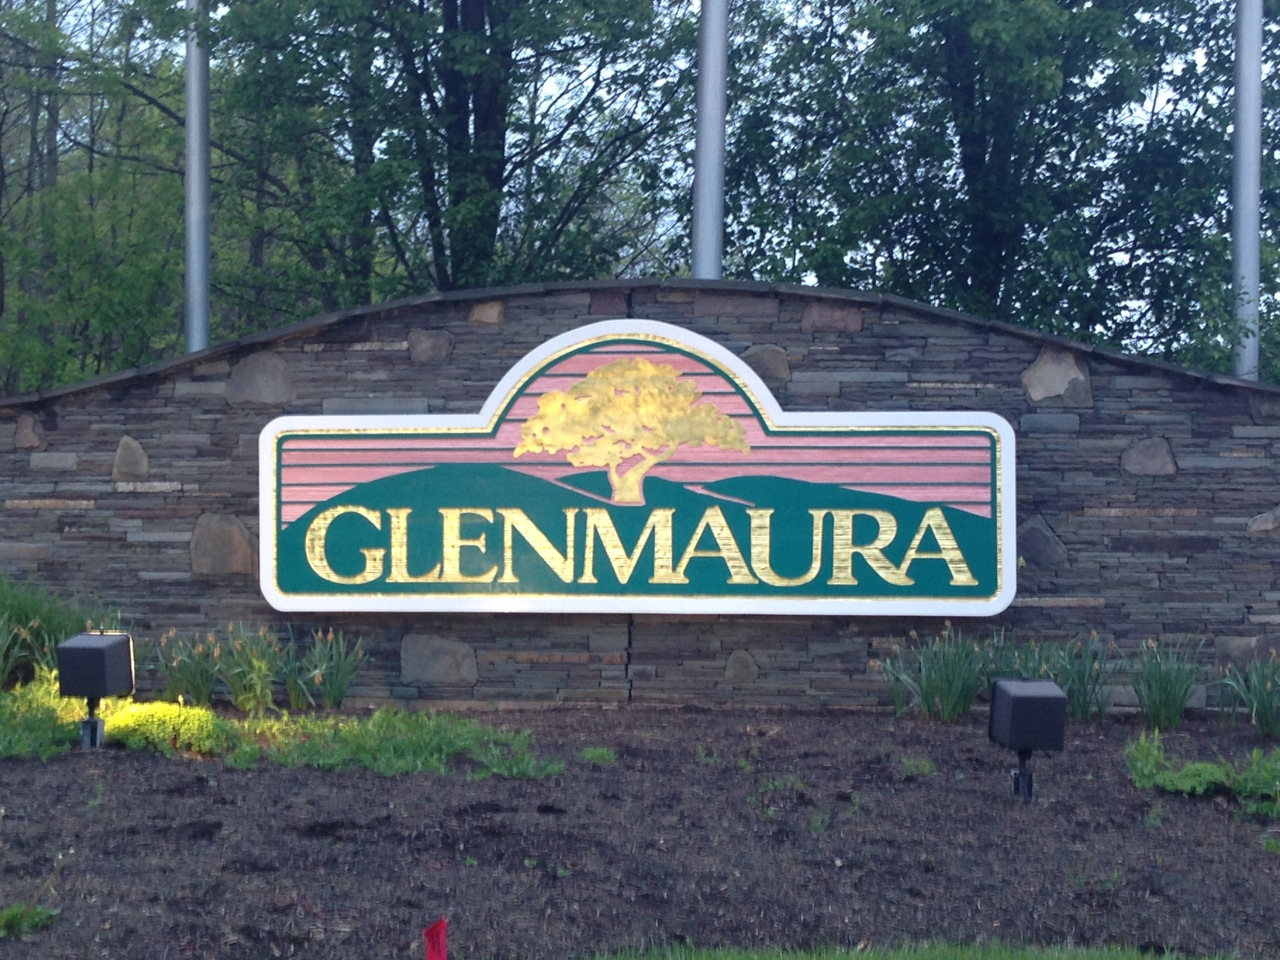 GlenME!